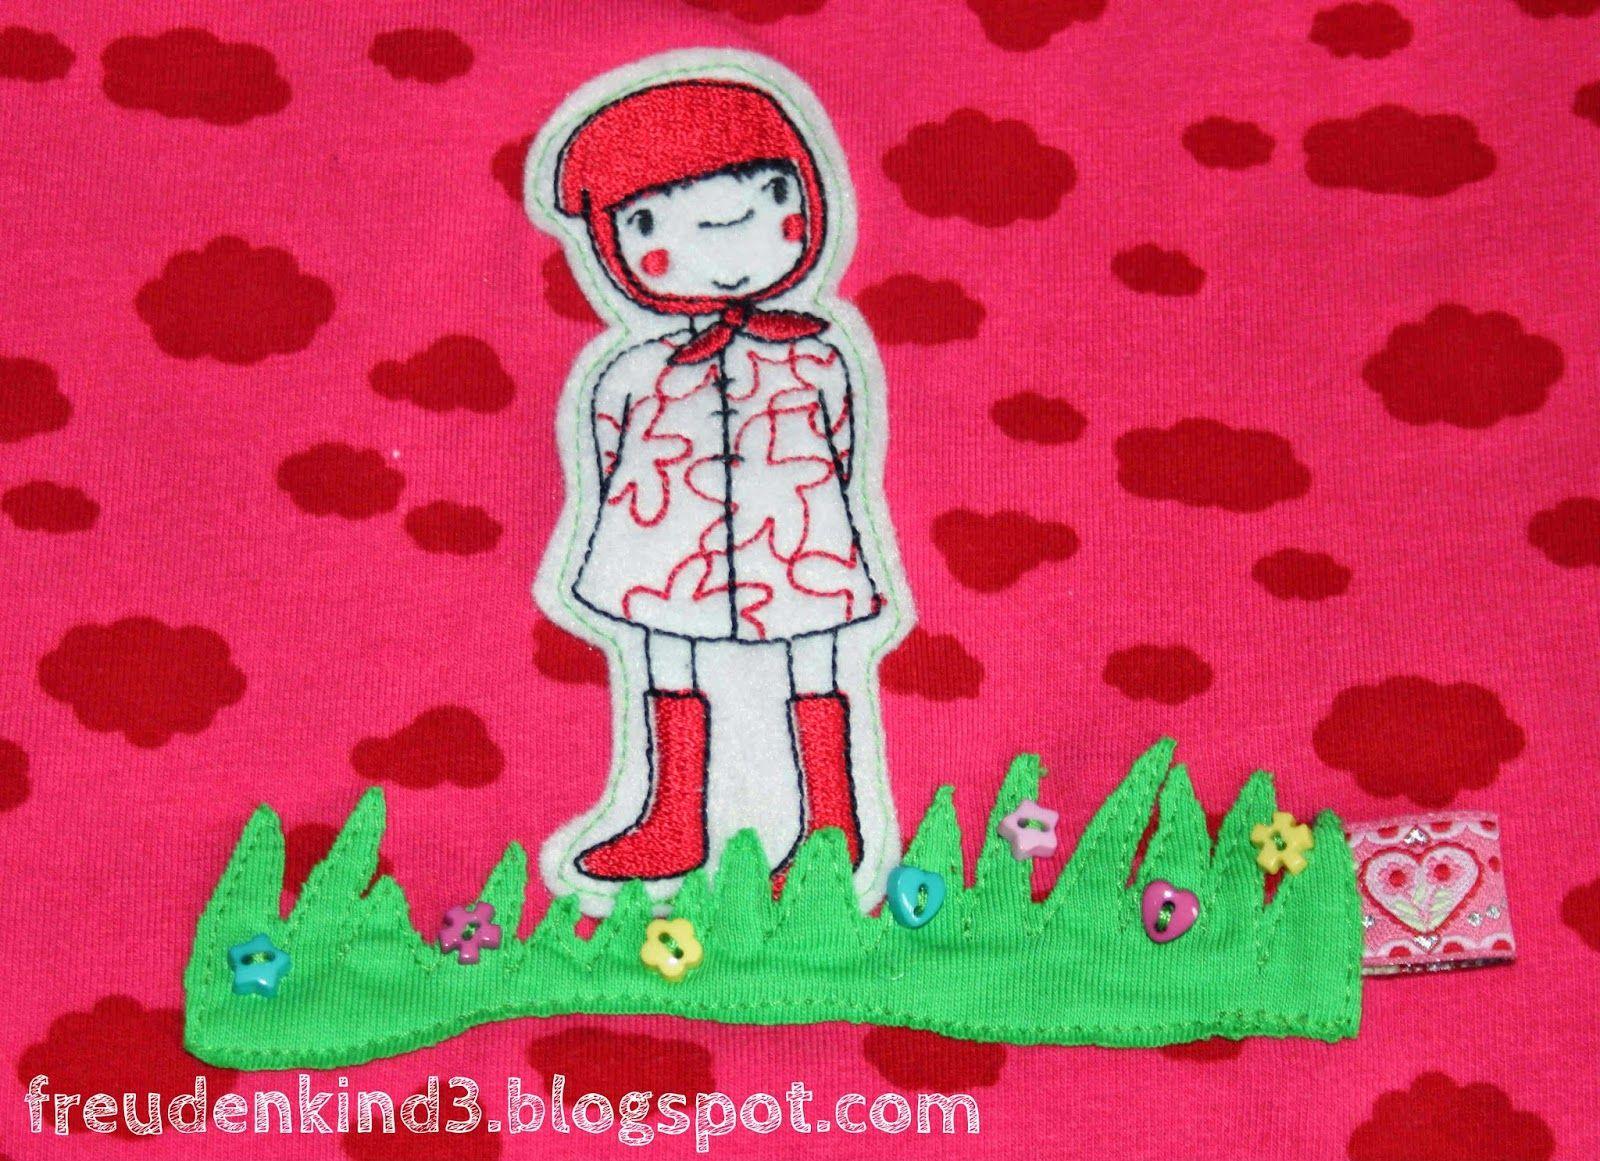 freudenkind: Näh-Problemlöser: Blumenwiese statt Loch